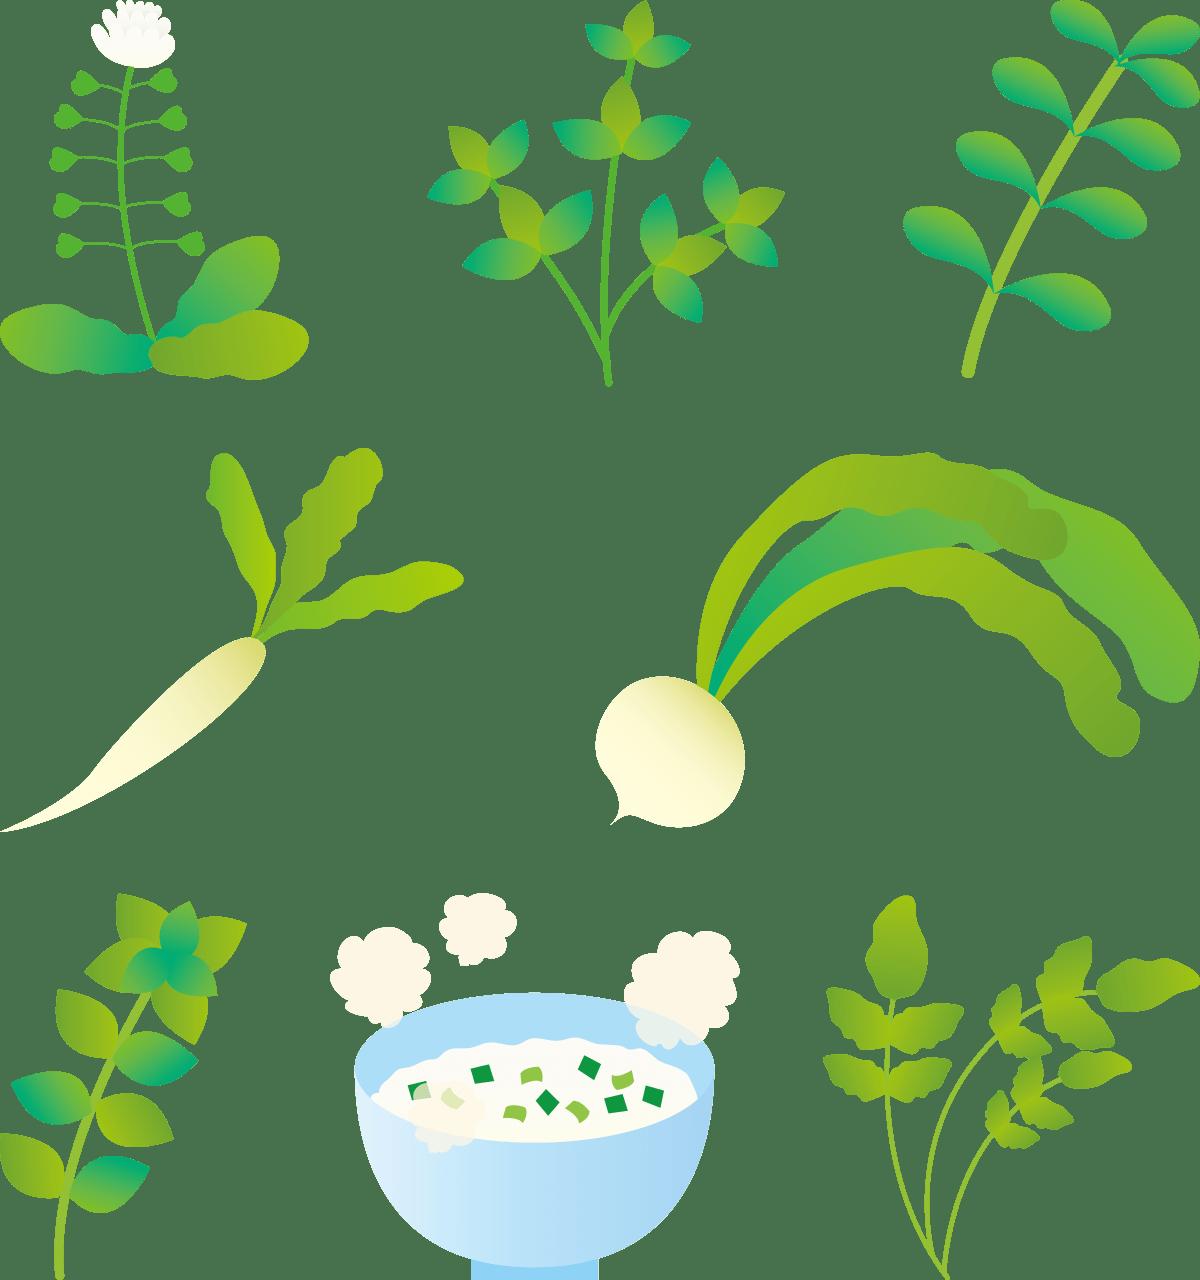 七草粥を食べる意味と由来は?効果効能がわかる七草囃子の歌の歌詞